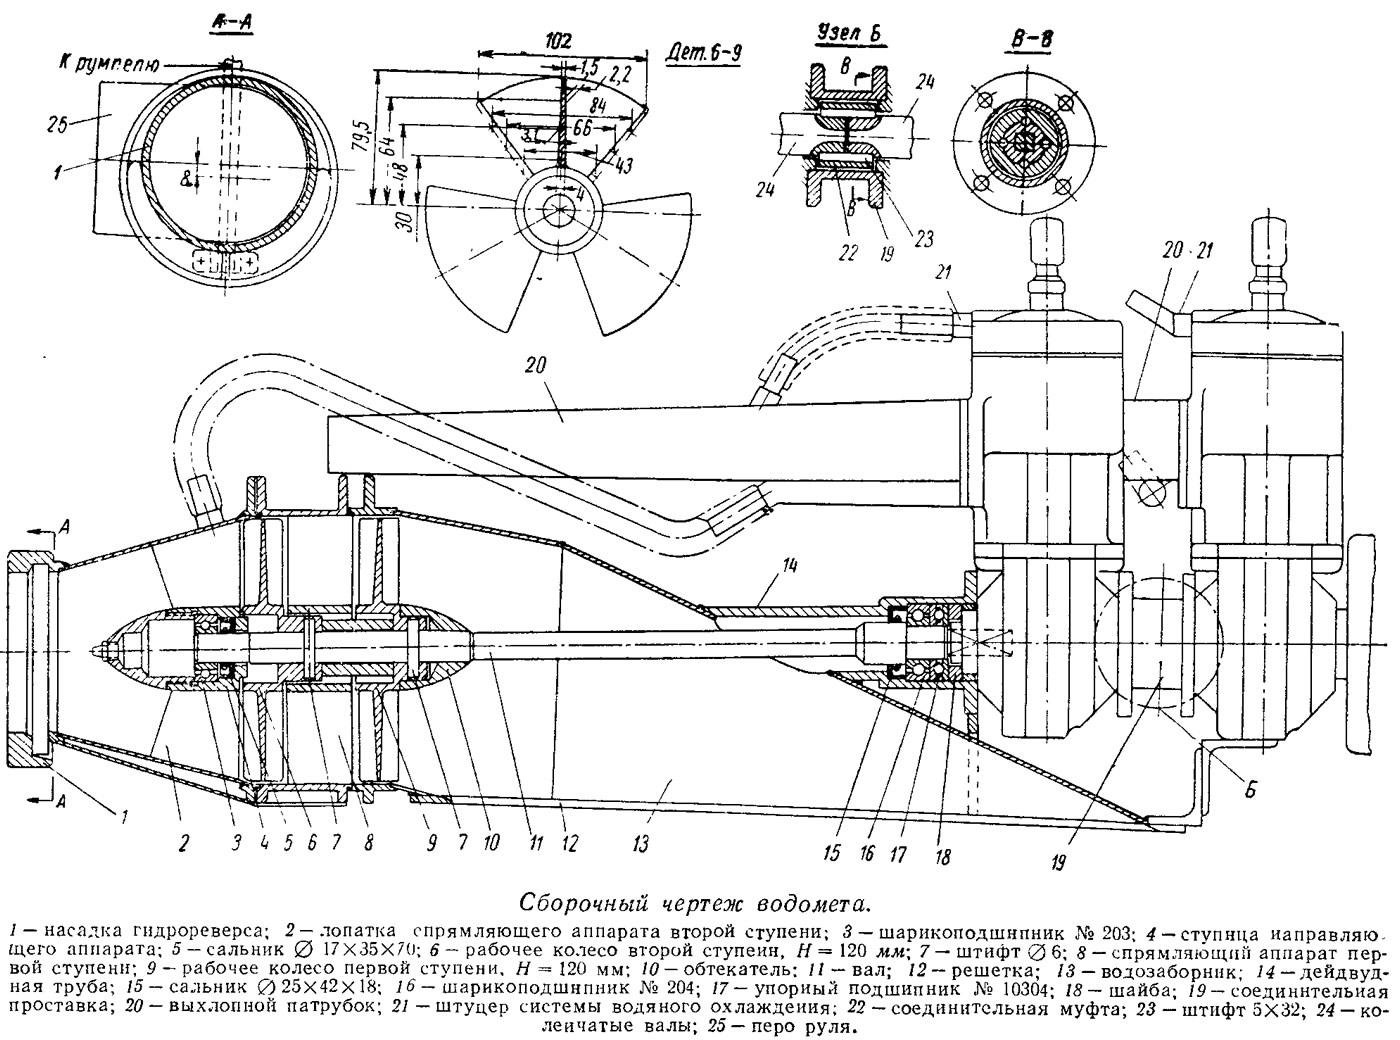 High Tech Защита подвесного лодочного мотора (ПЛМ) 4